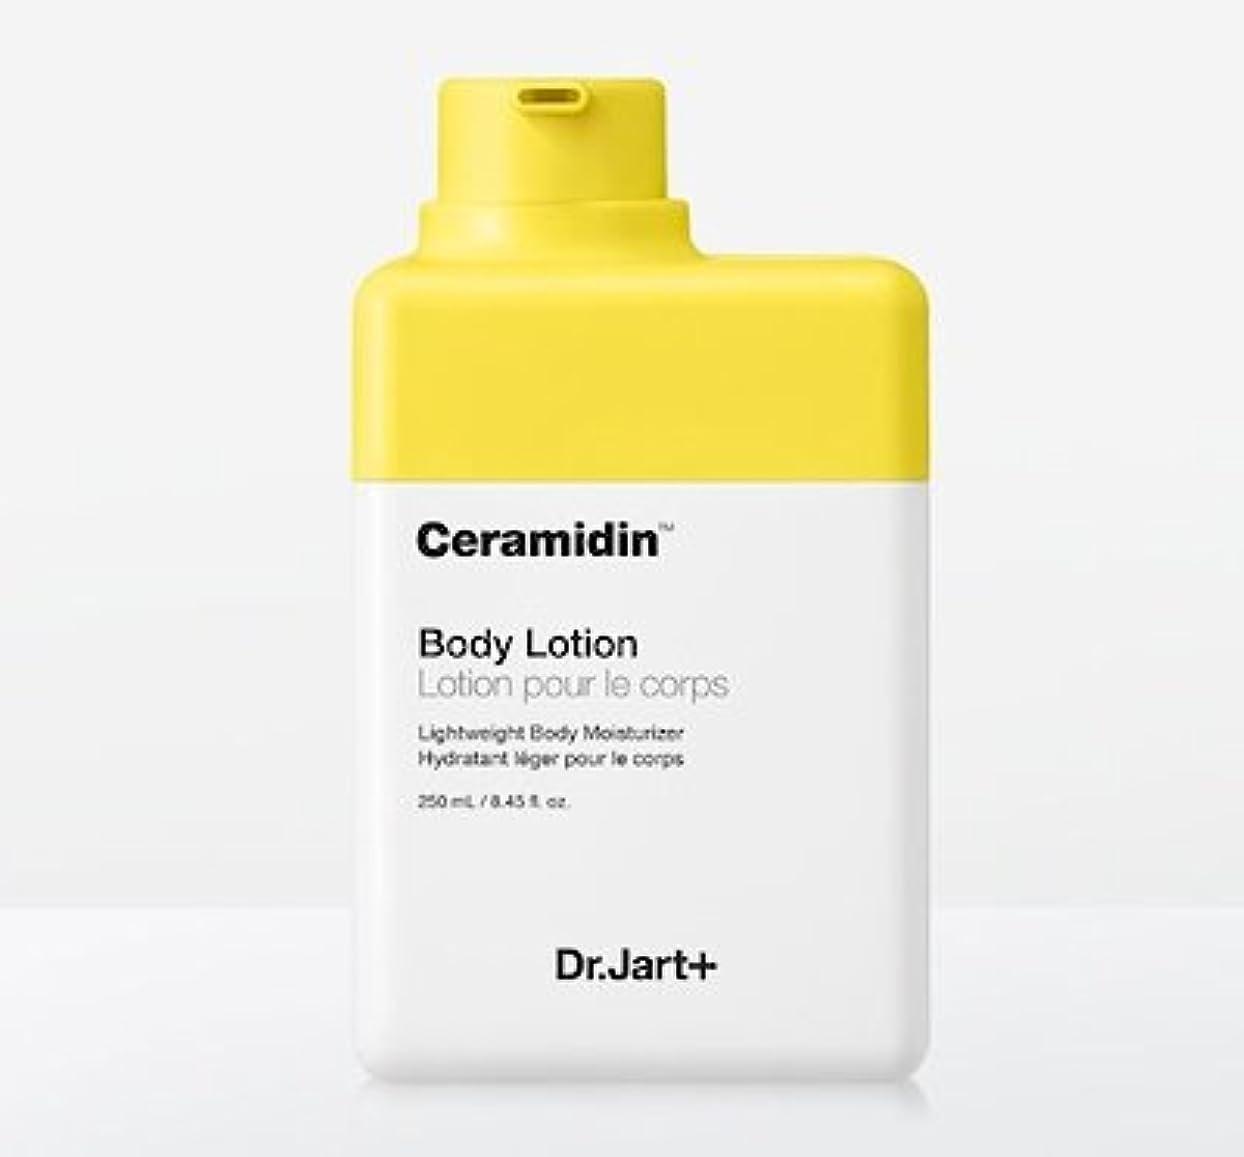 薬用確率色ドクタージャルトセラマイディンボディローション Dr.Jart Ceramidin Body Lotion 250ml [並行輸入品]